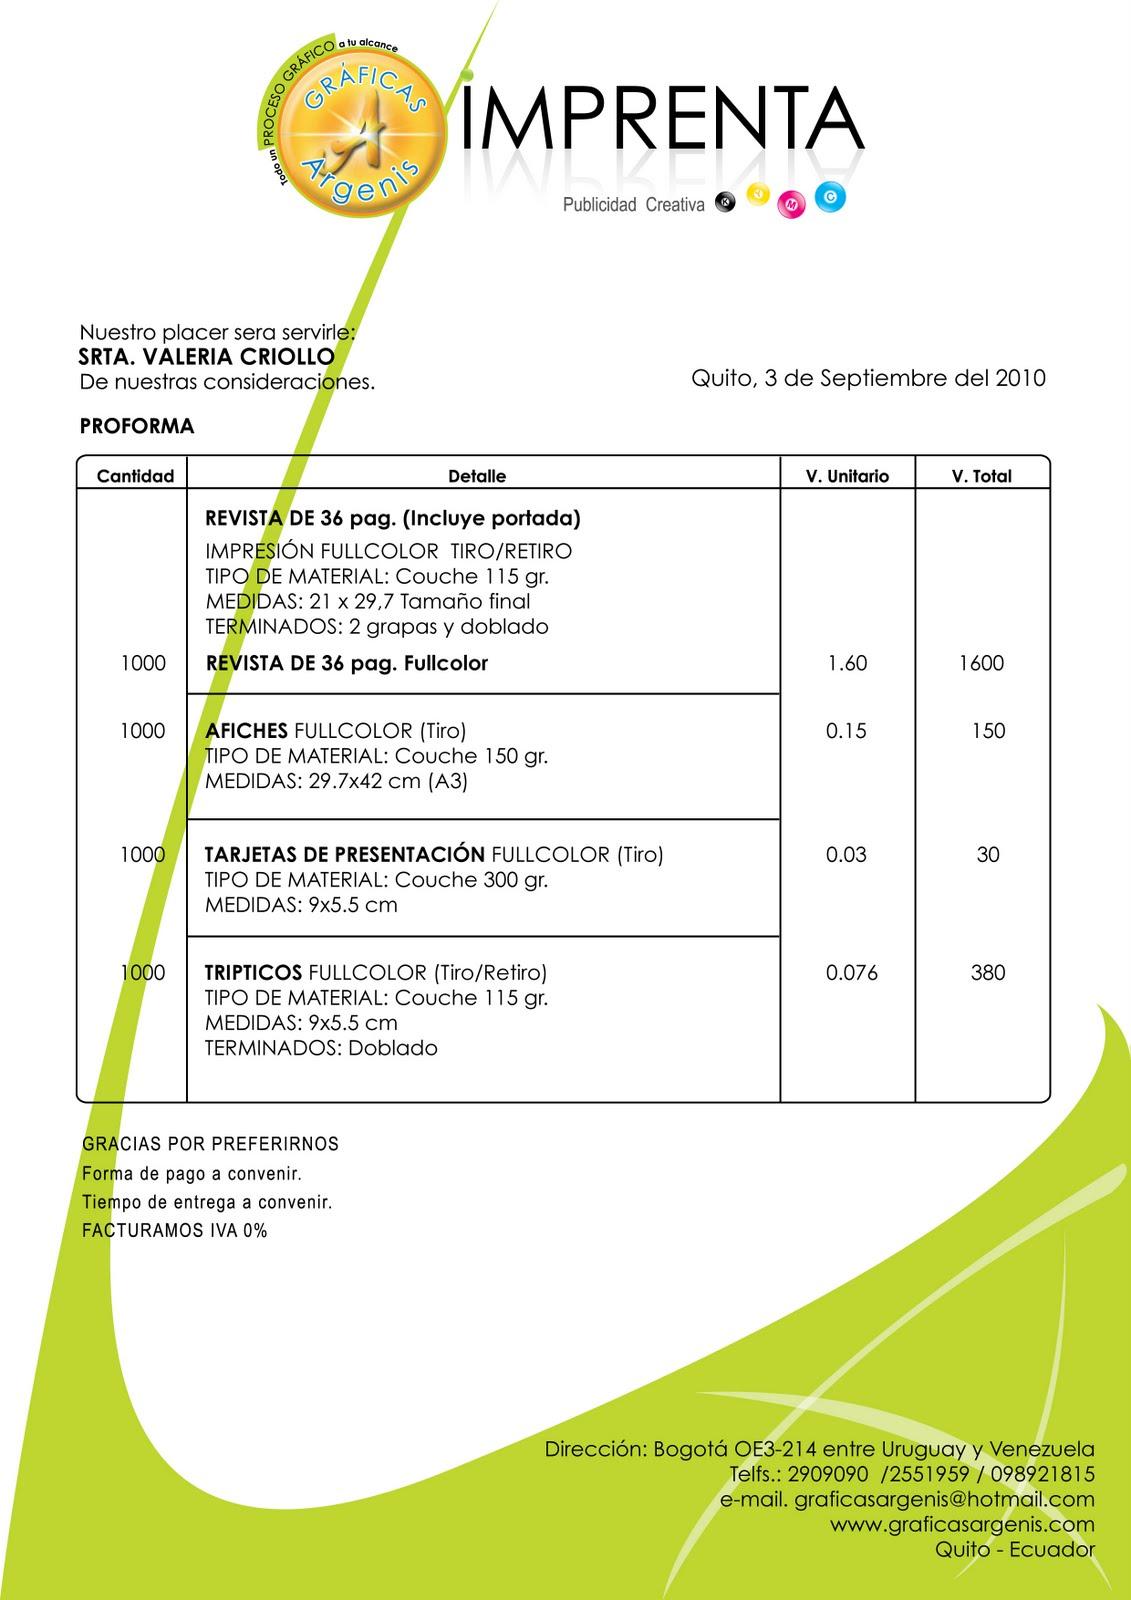 graficas y audio septiembre 2010 cotizacion imprenta proforma